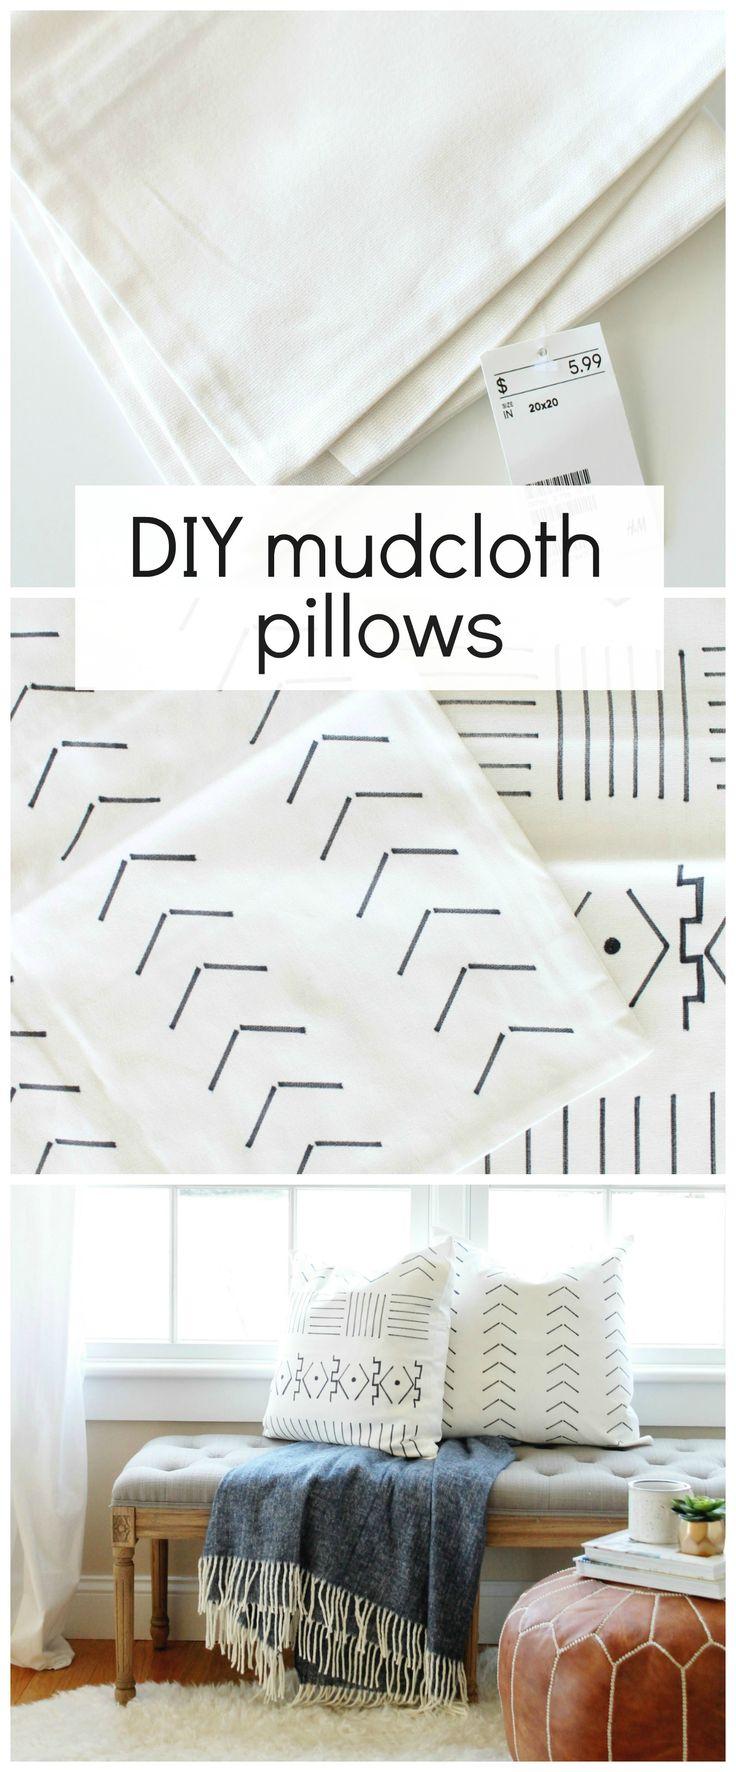 DIY Mudcloth Pillows